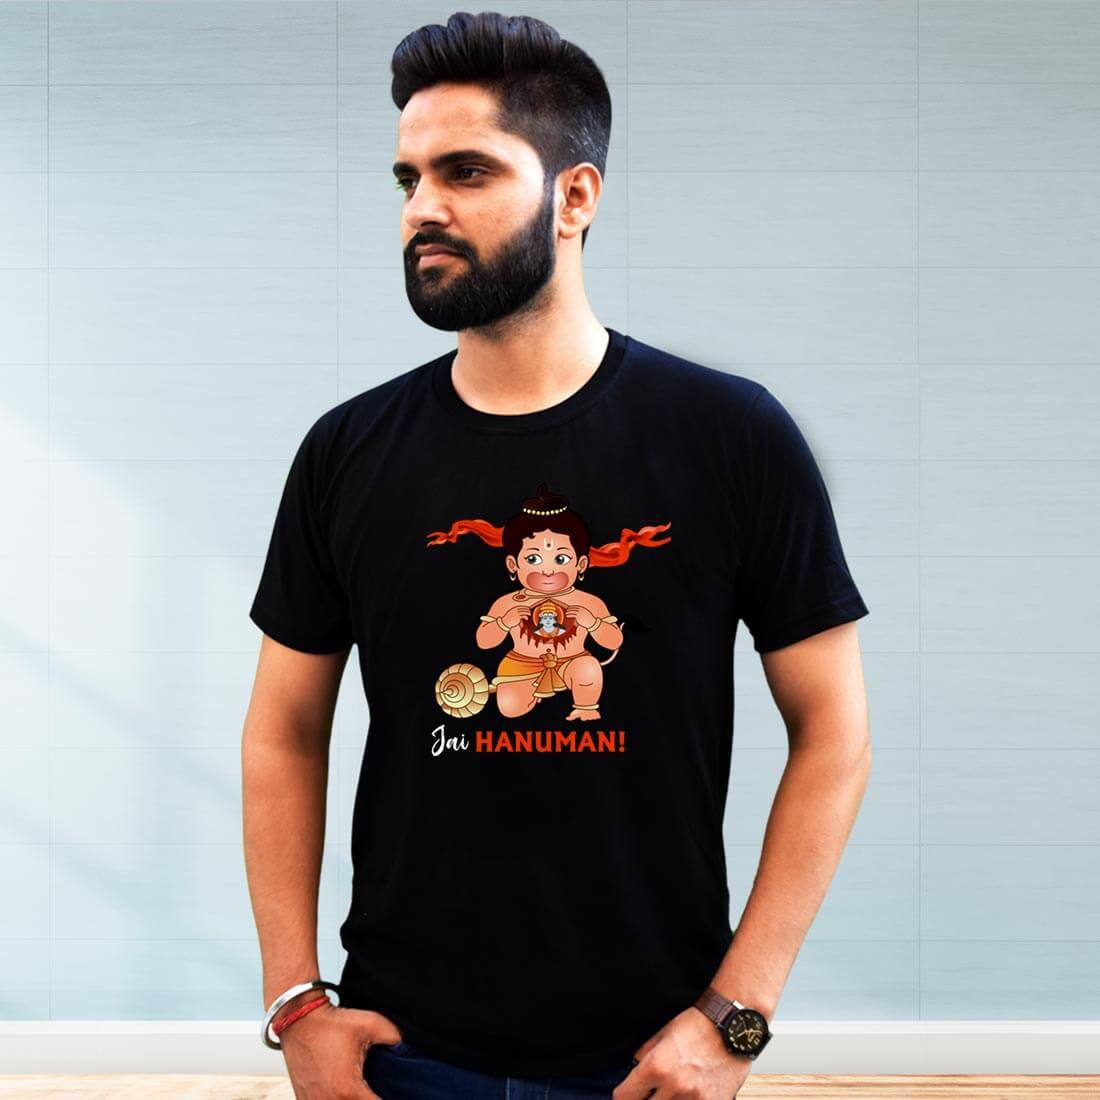 Jai Hanuman Black Printed T shirt